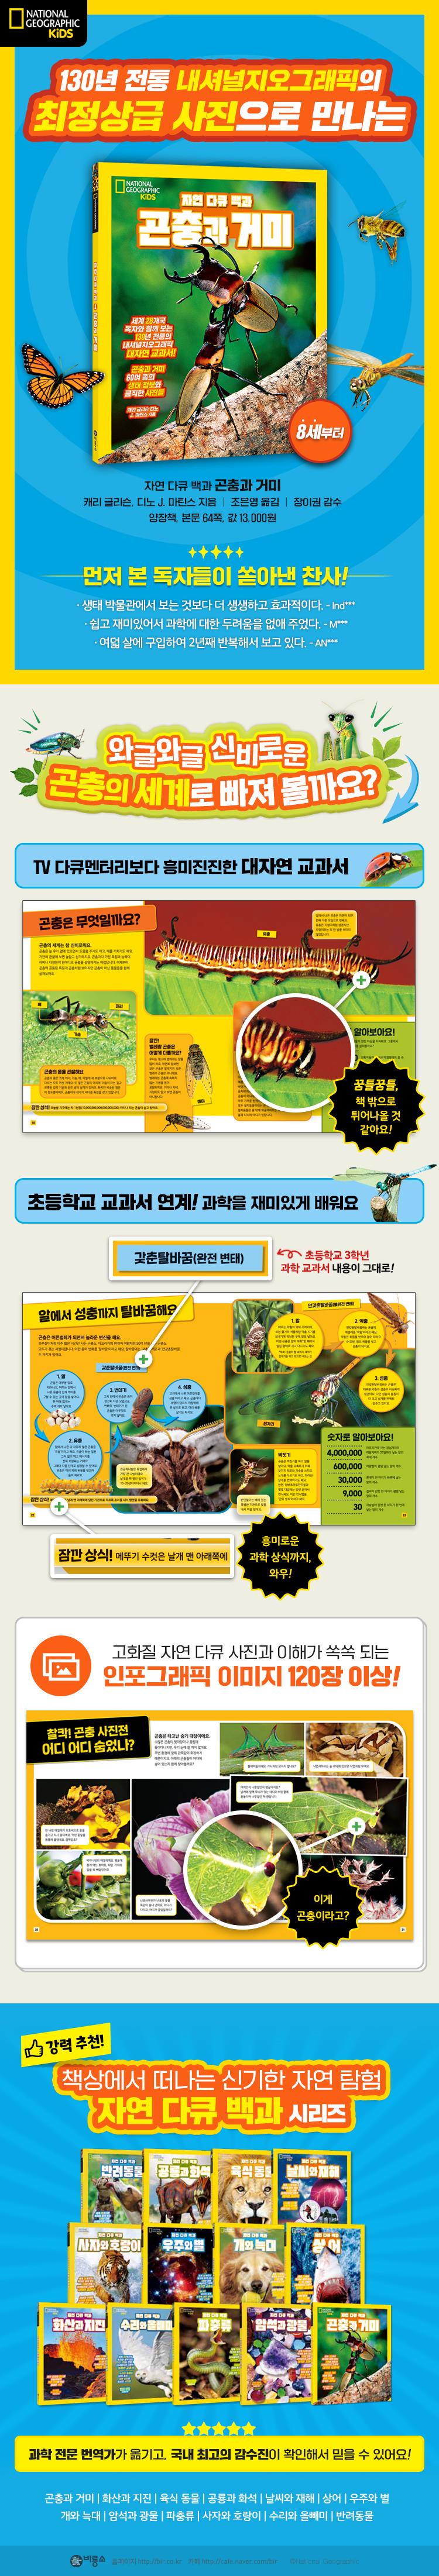 @상세페이지_냇지오_자연다큐백과_곤충과거미 (1)